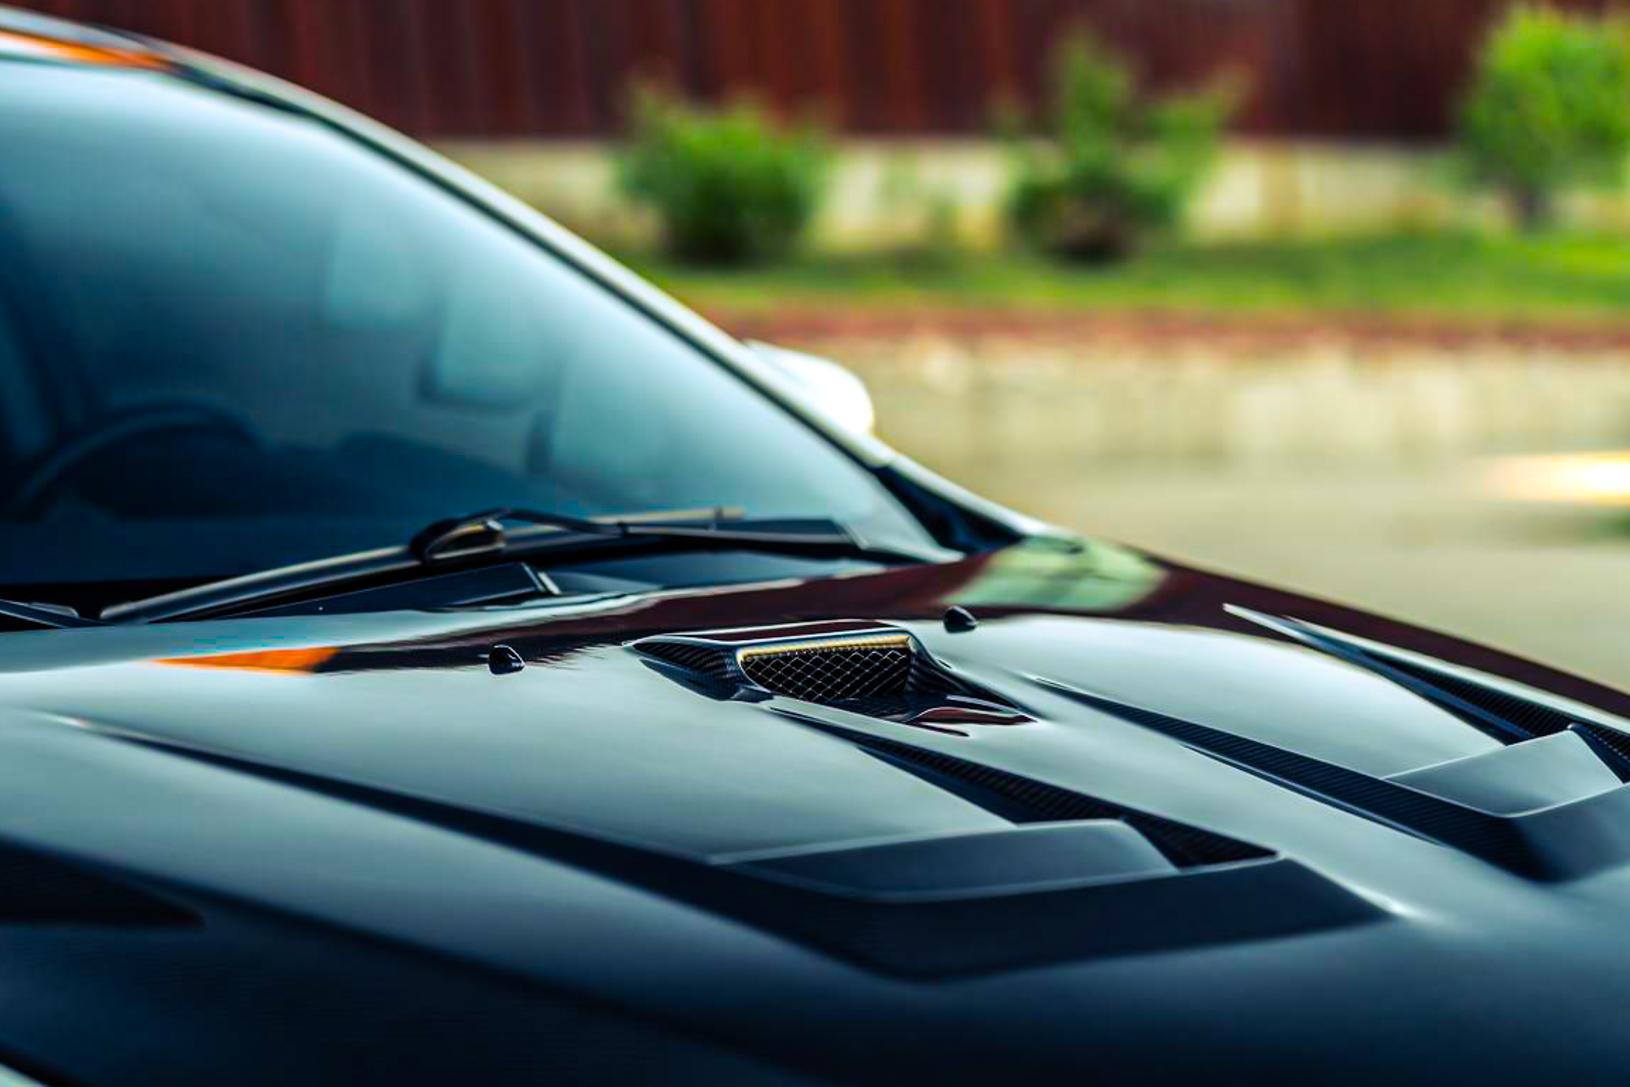 2015 Mitsubishi Evo